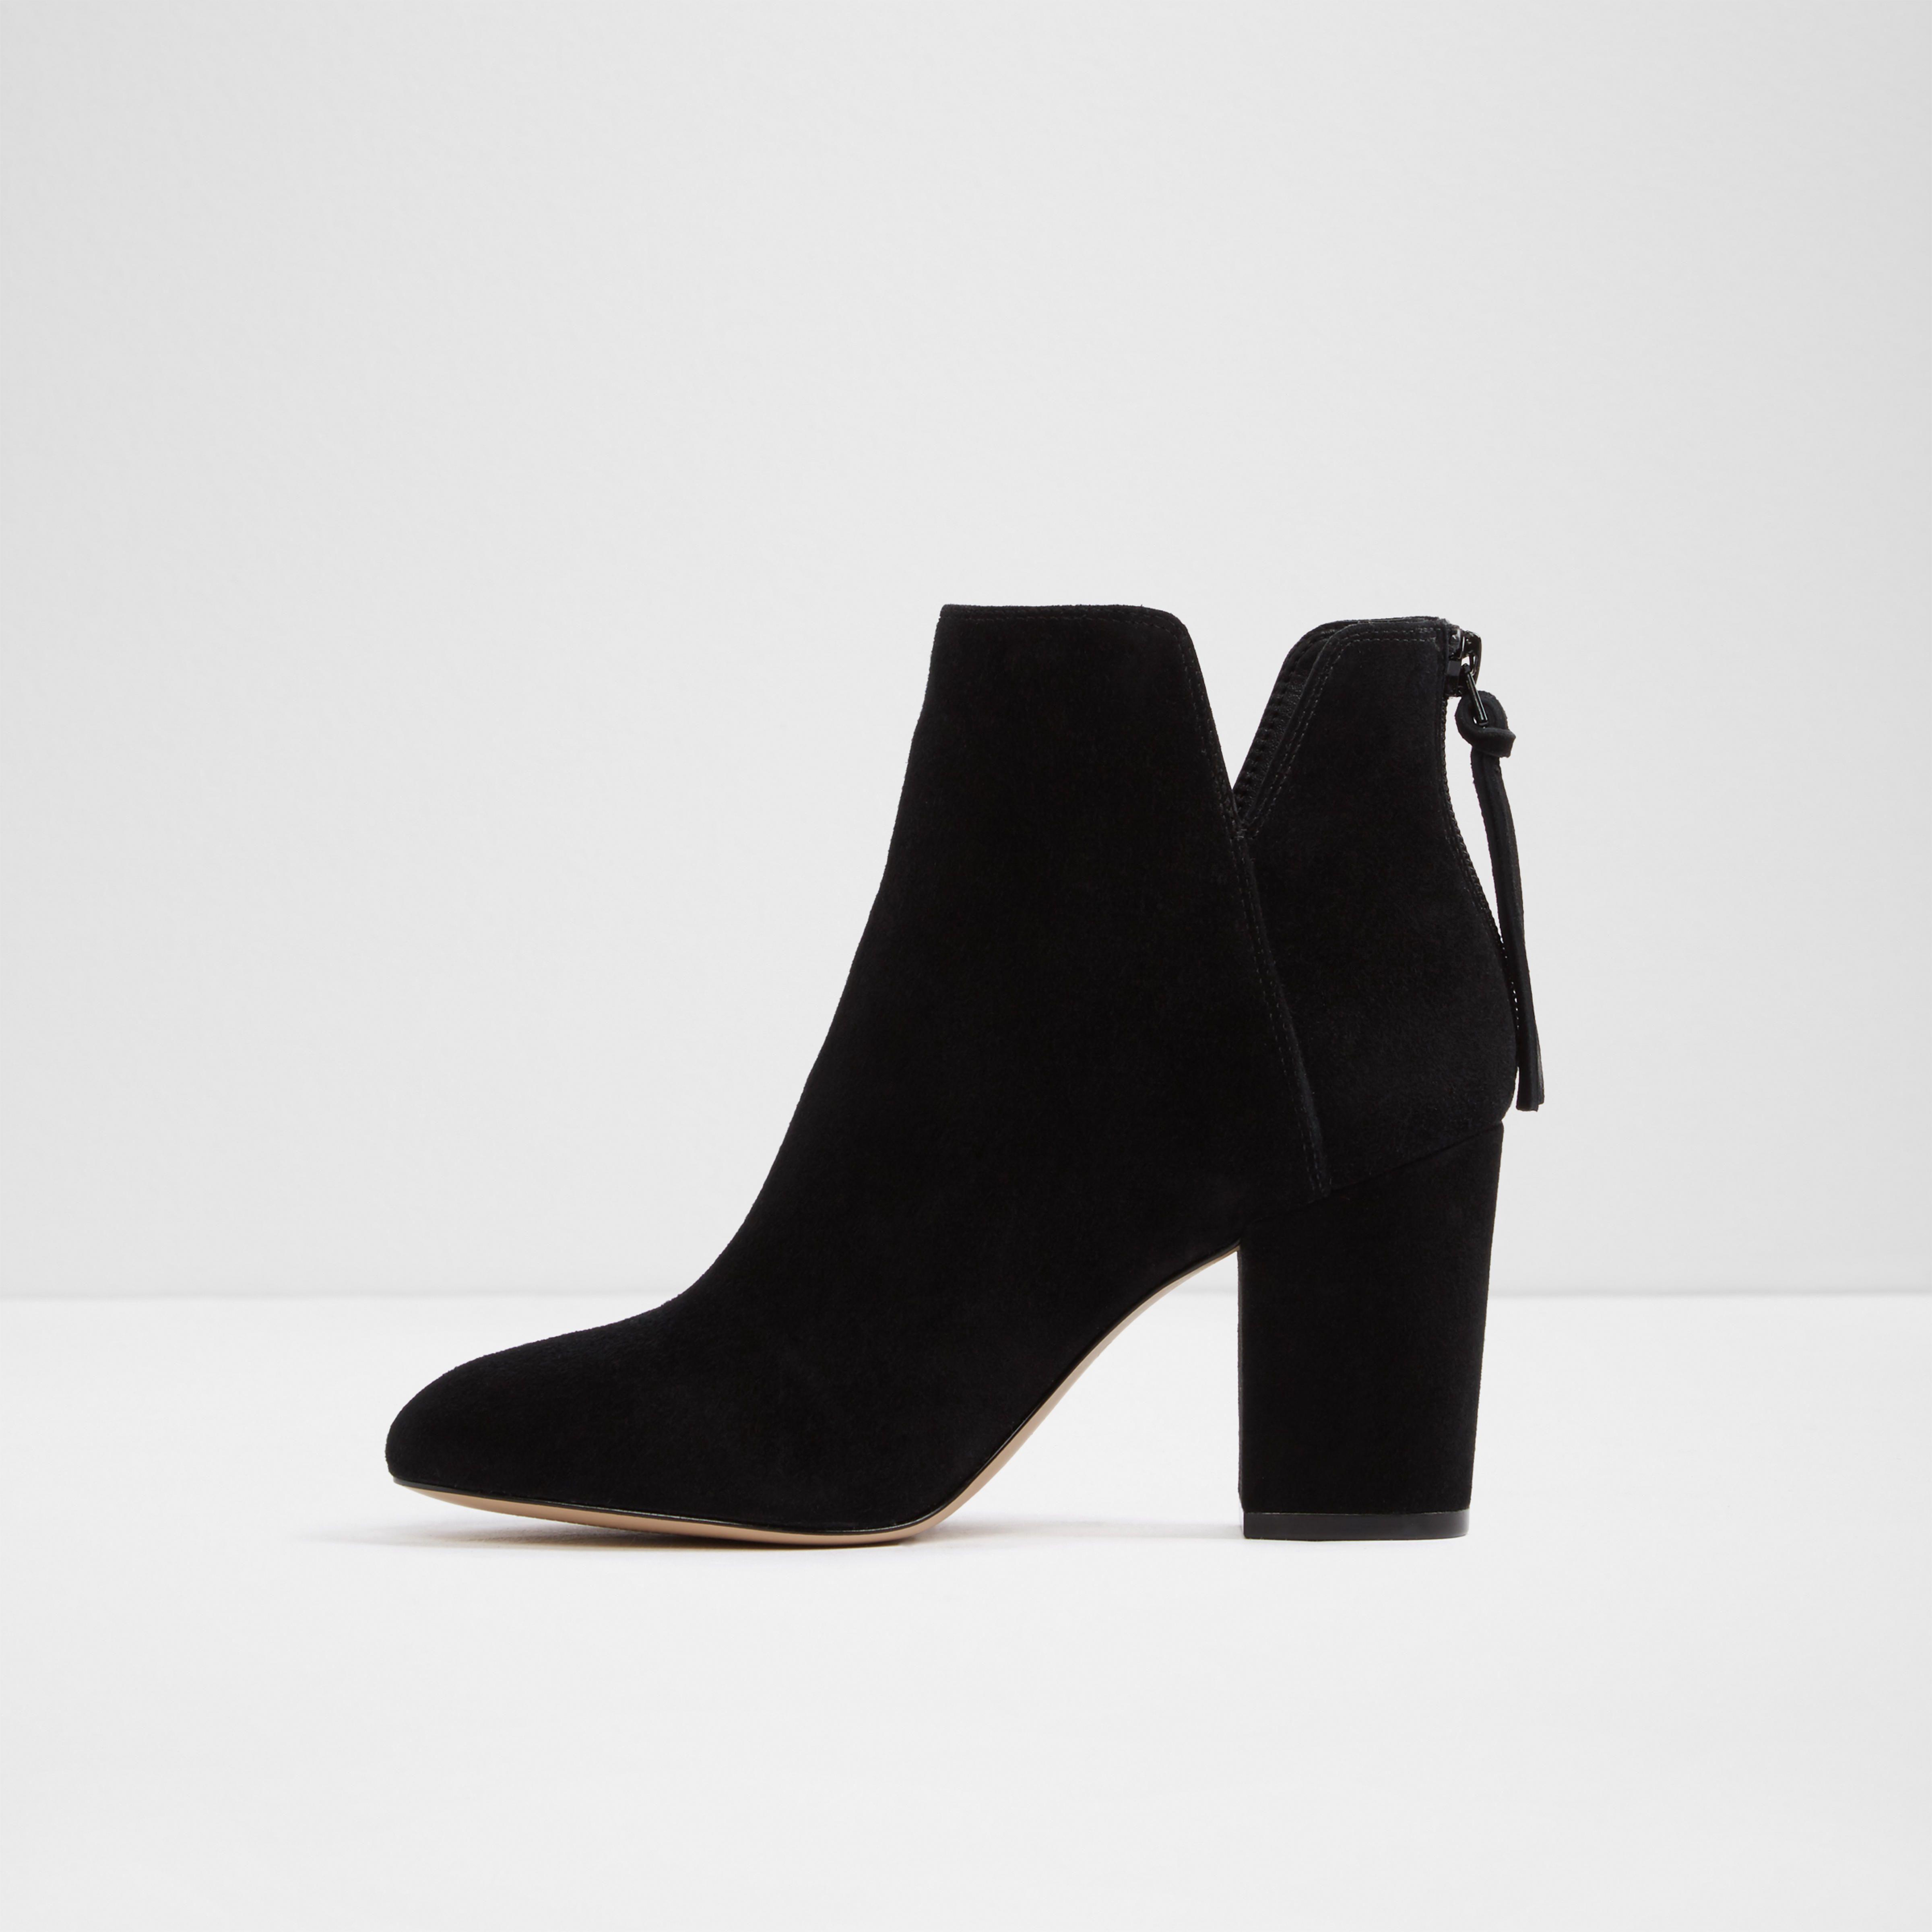 2d890560e085 Dominicaa Black Women's Ankle boots | Aldoshoes.com US | Stellar ...